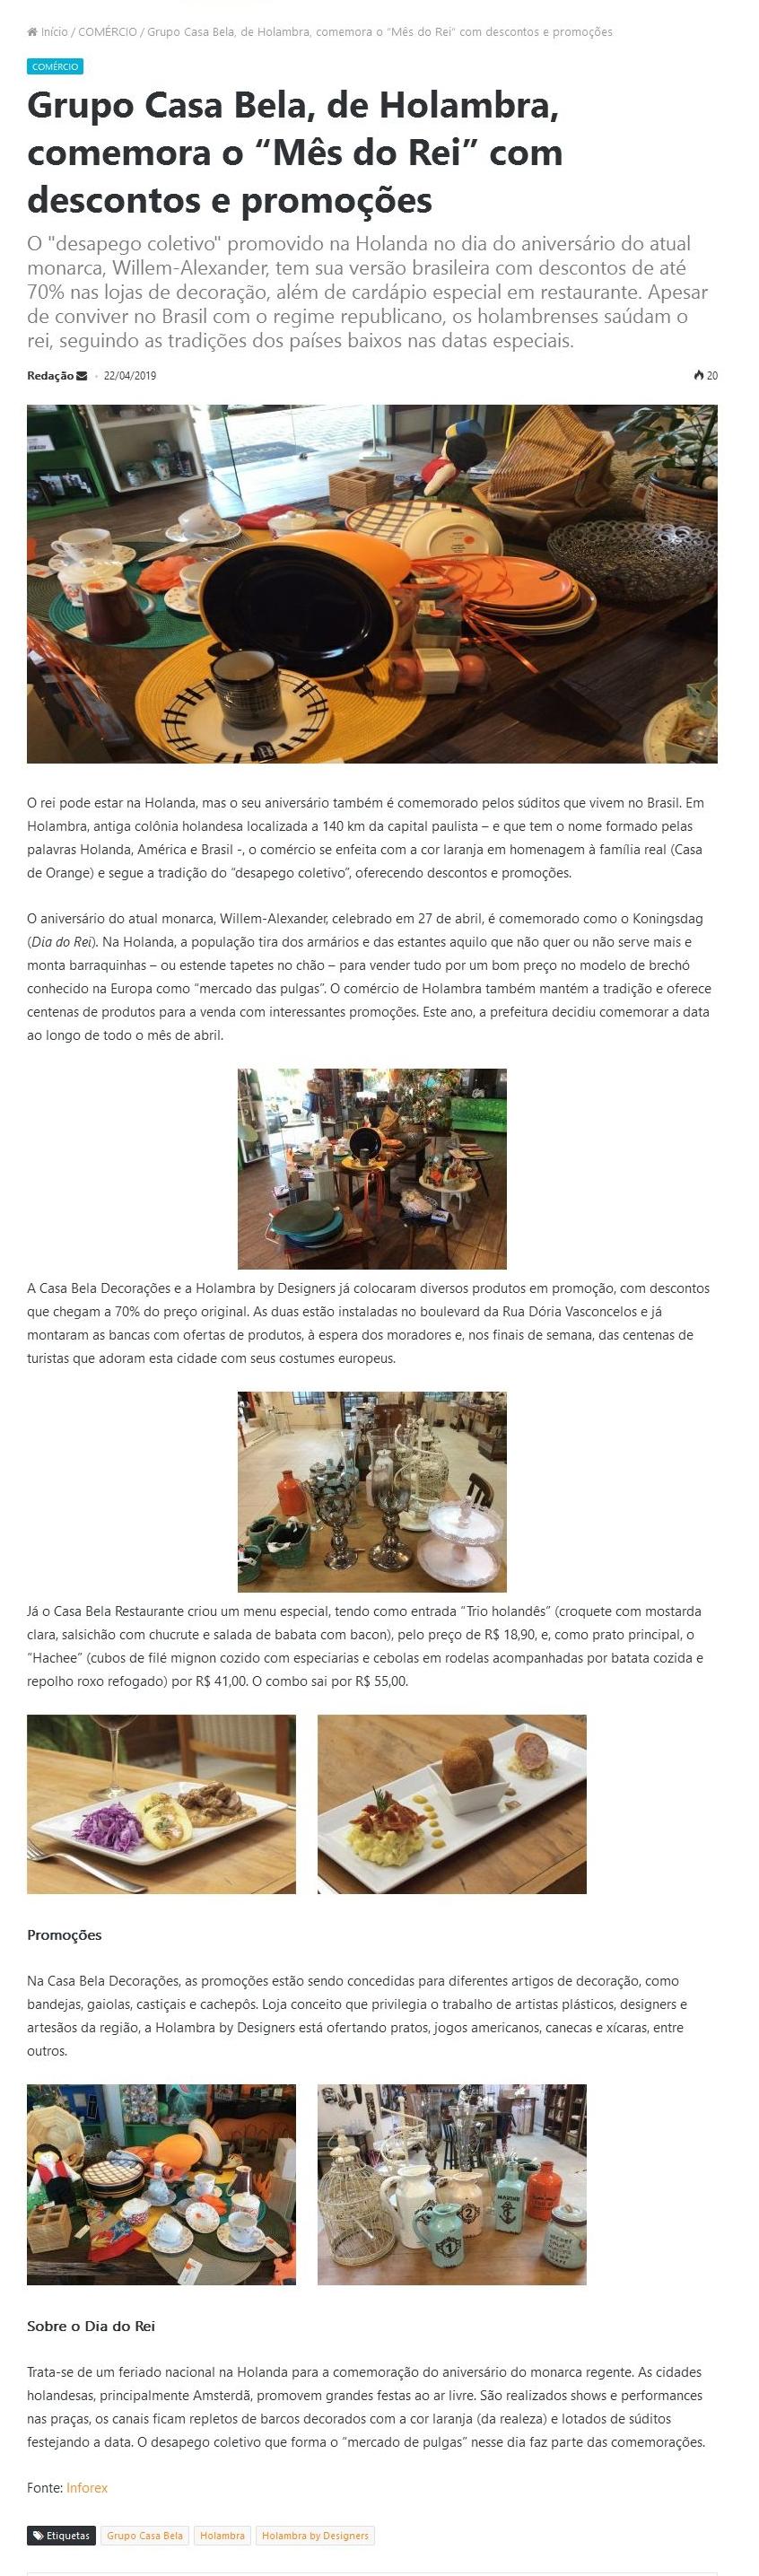 6173d25ff Clippings - Grupo Casa Bela - Holambra - Ateliê da Notícia